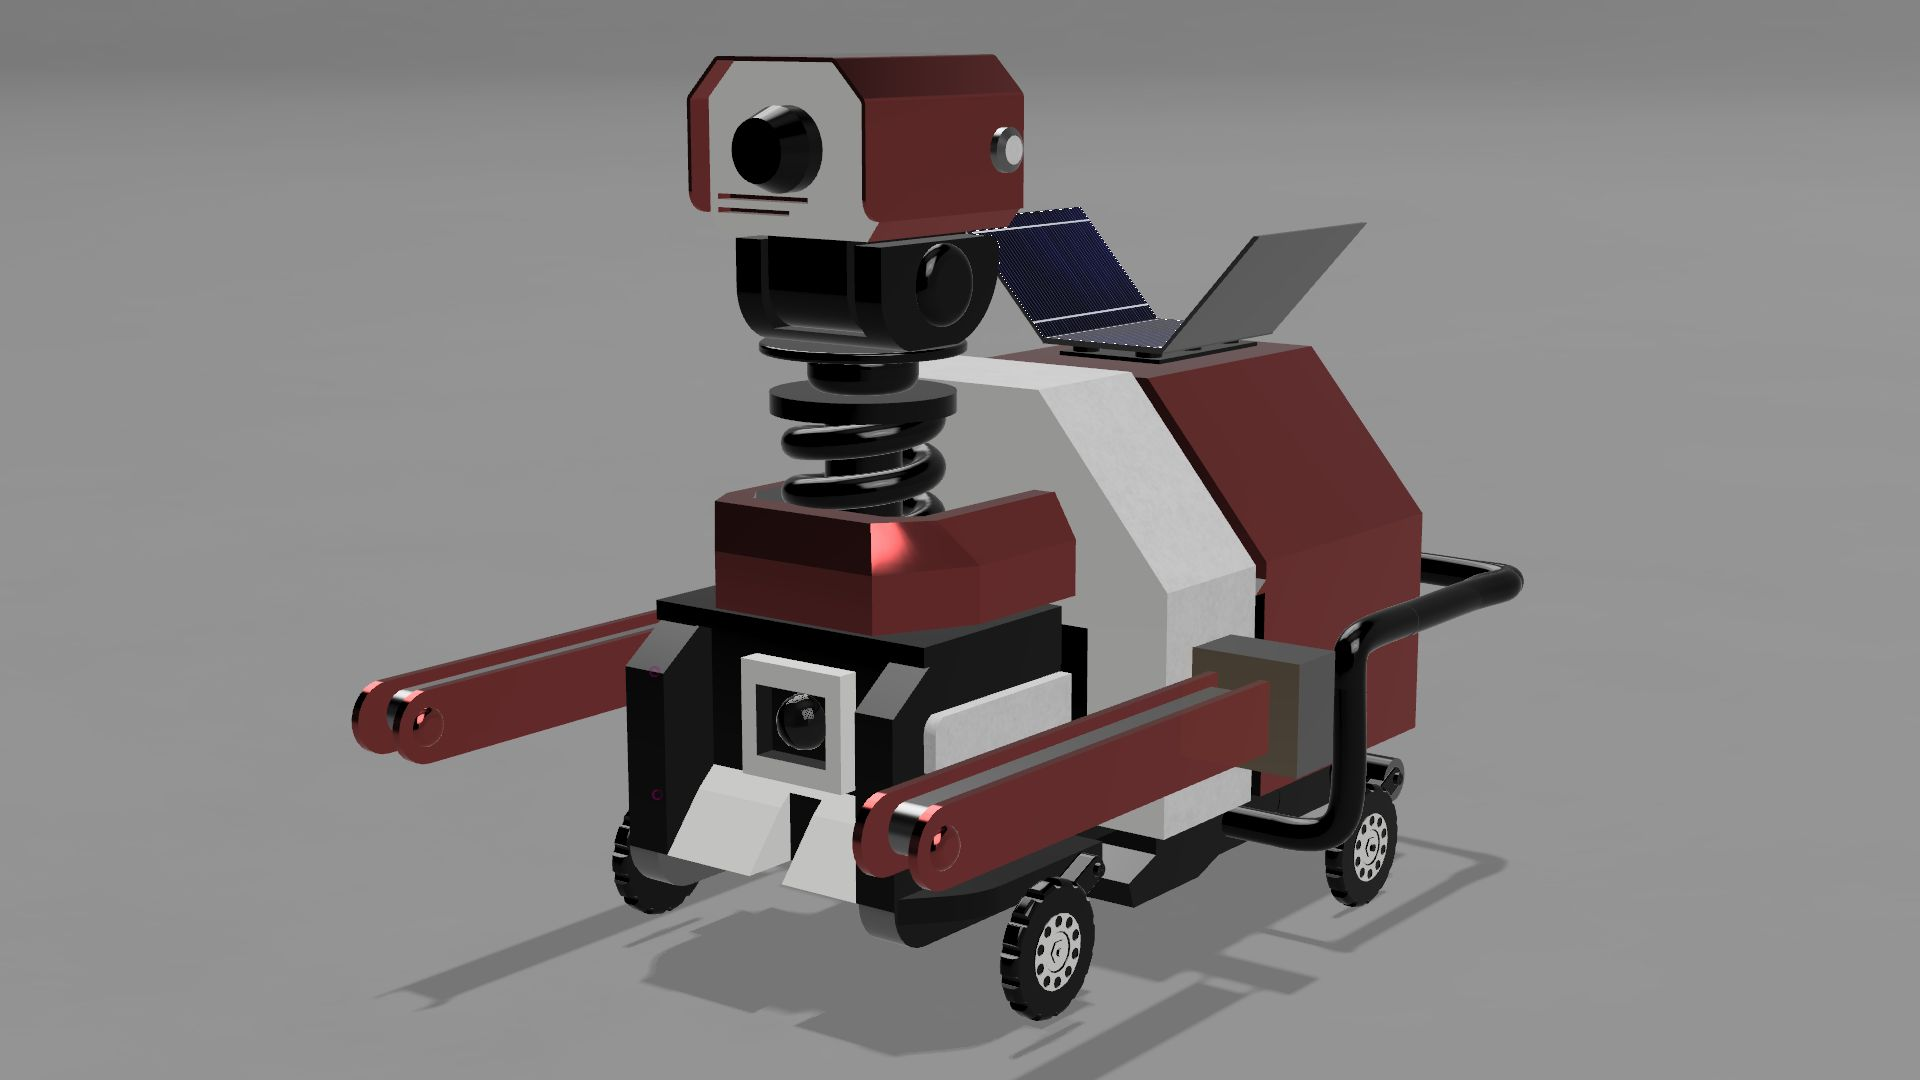 Rover-6-3500-3500